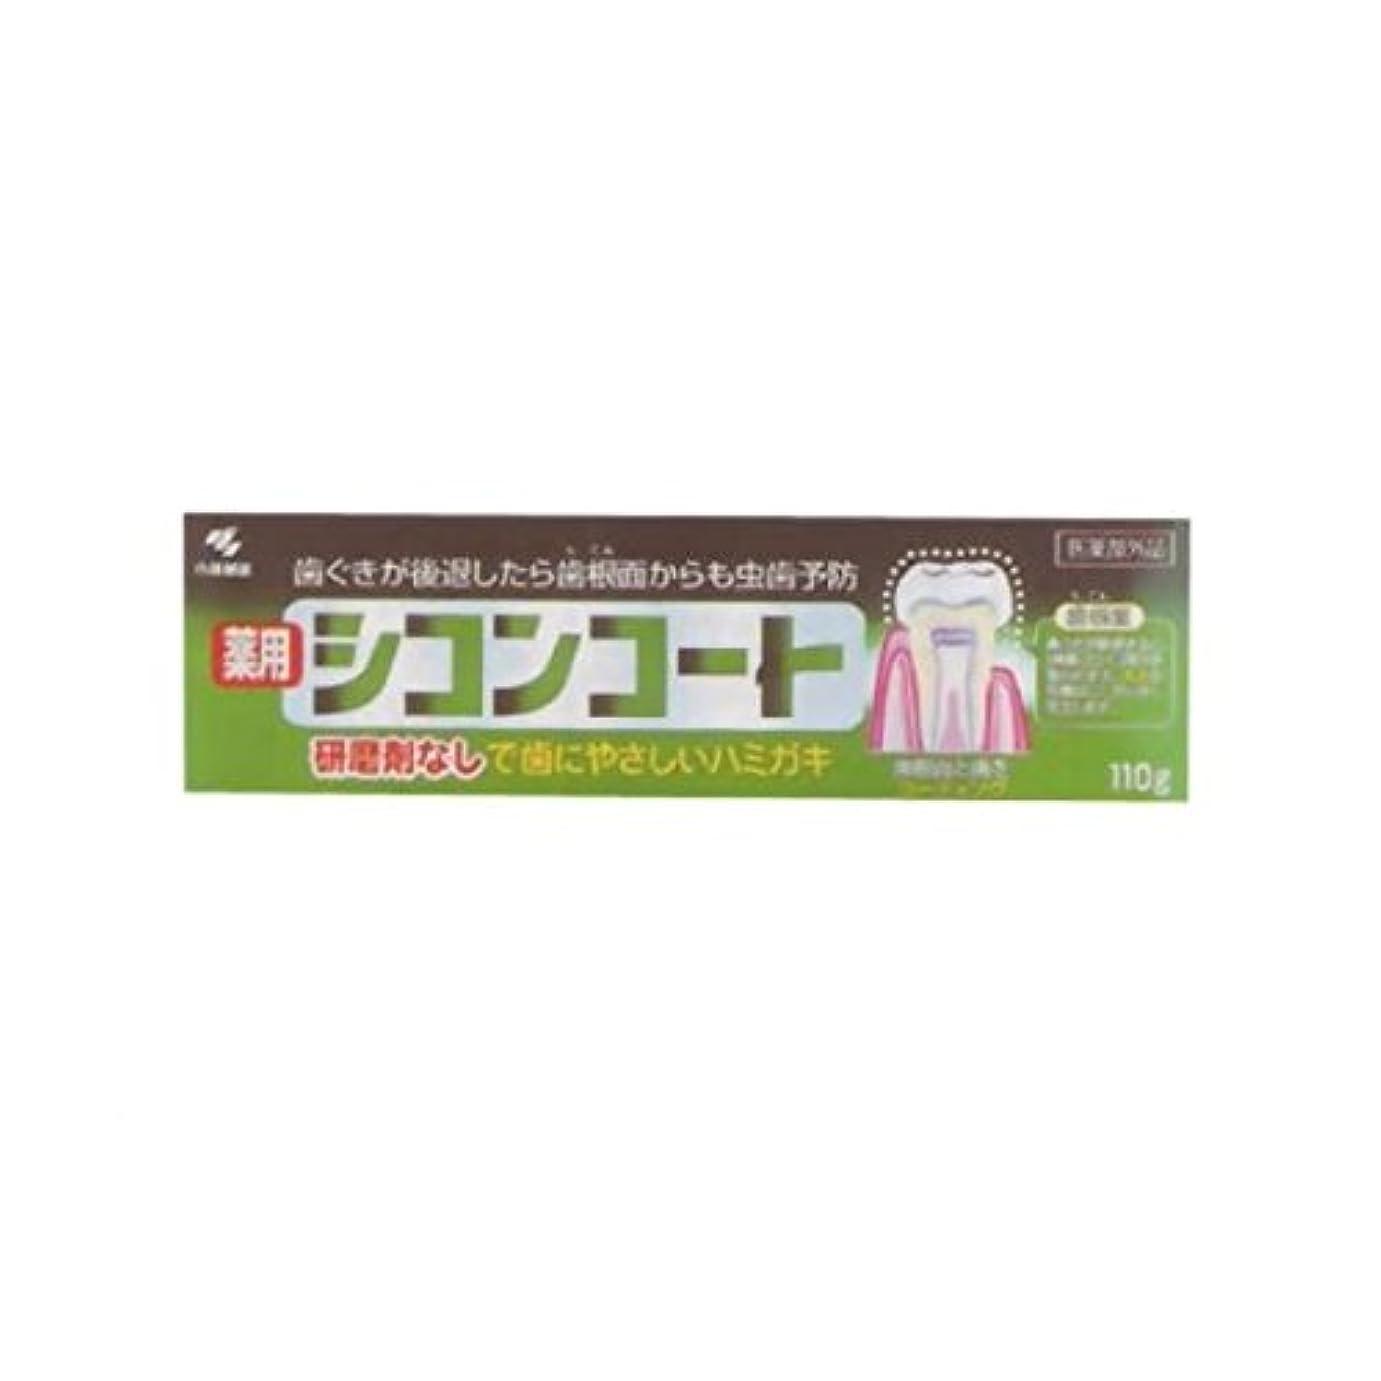 クラシカルアンドリューハリディメイト【お徳用 3 セット】 薬用 シコンコート 110g×3セット